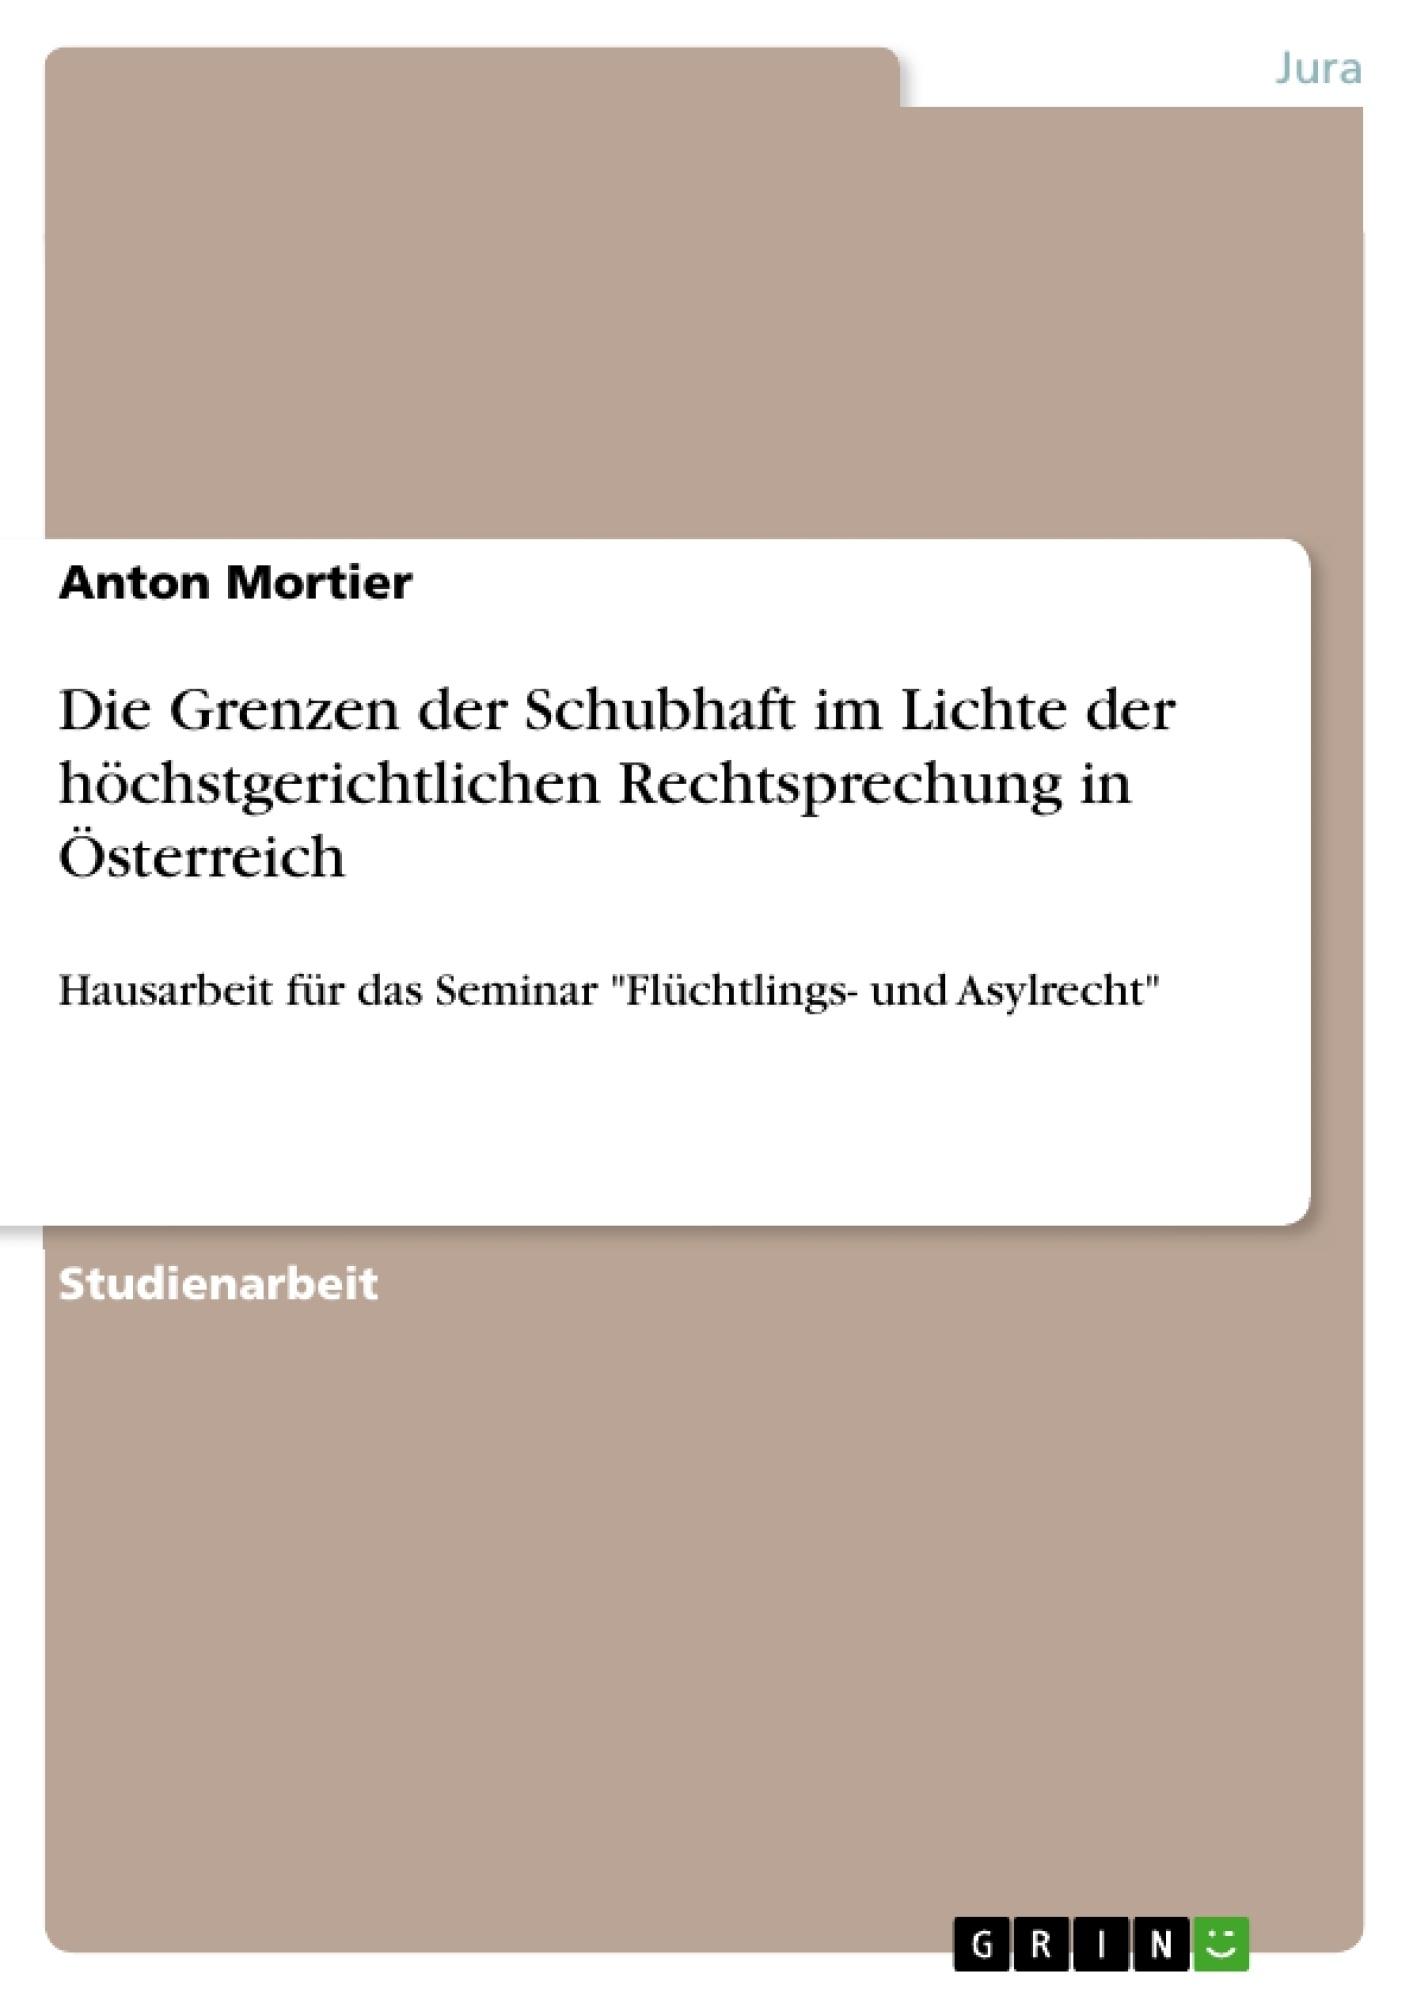 Titel: Die Grenzen der Schubhaft im Lichte der höchstgerichtlichen Rechtsprechung in Österreich